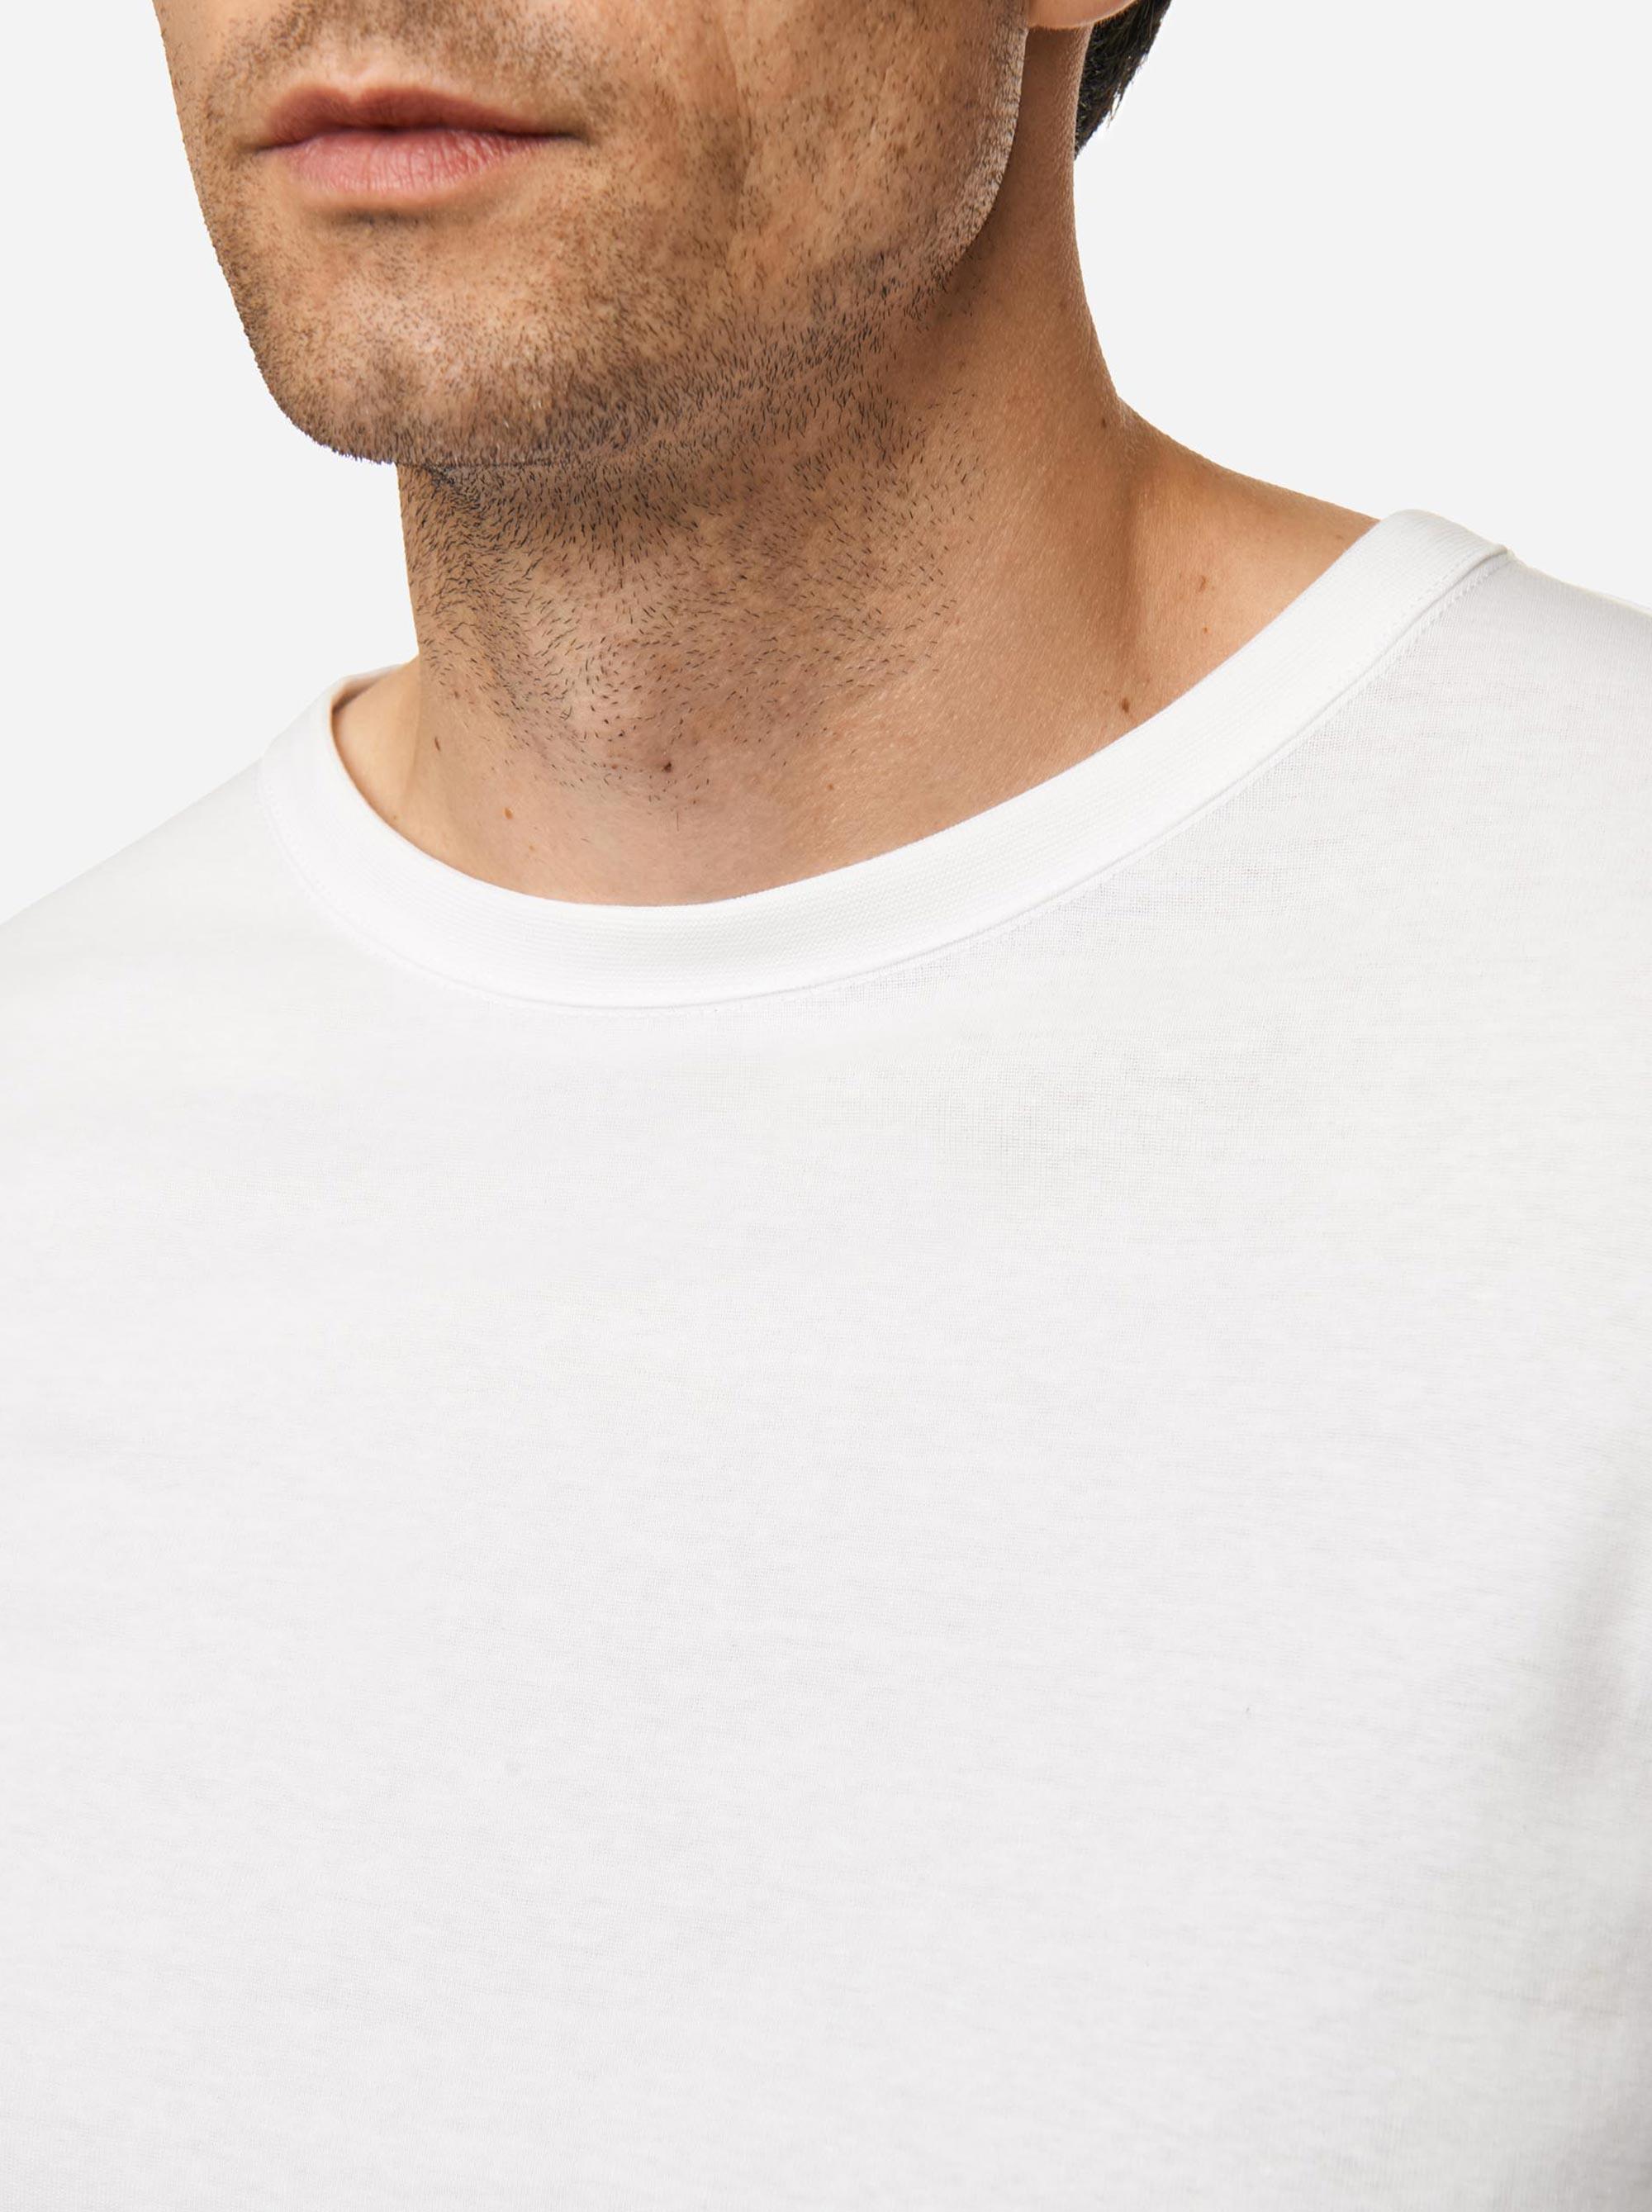 Teym - The-T-Shirt - Longsleeve - Men - White - 1